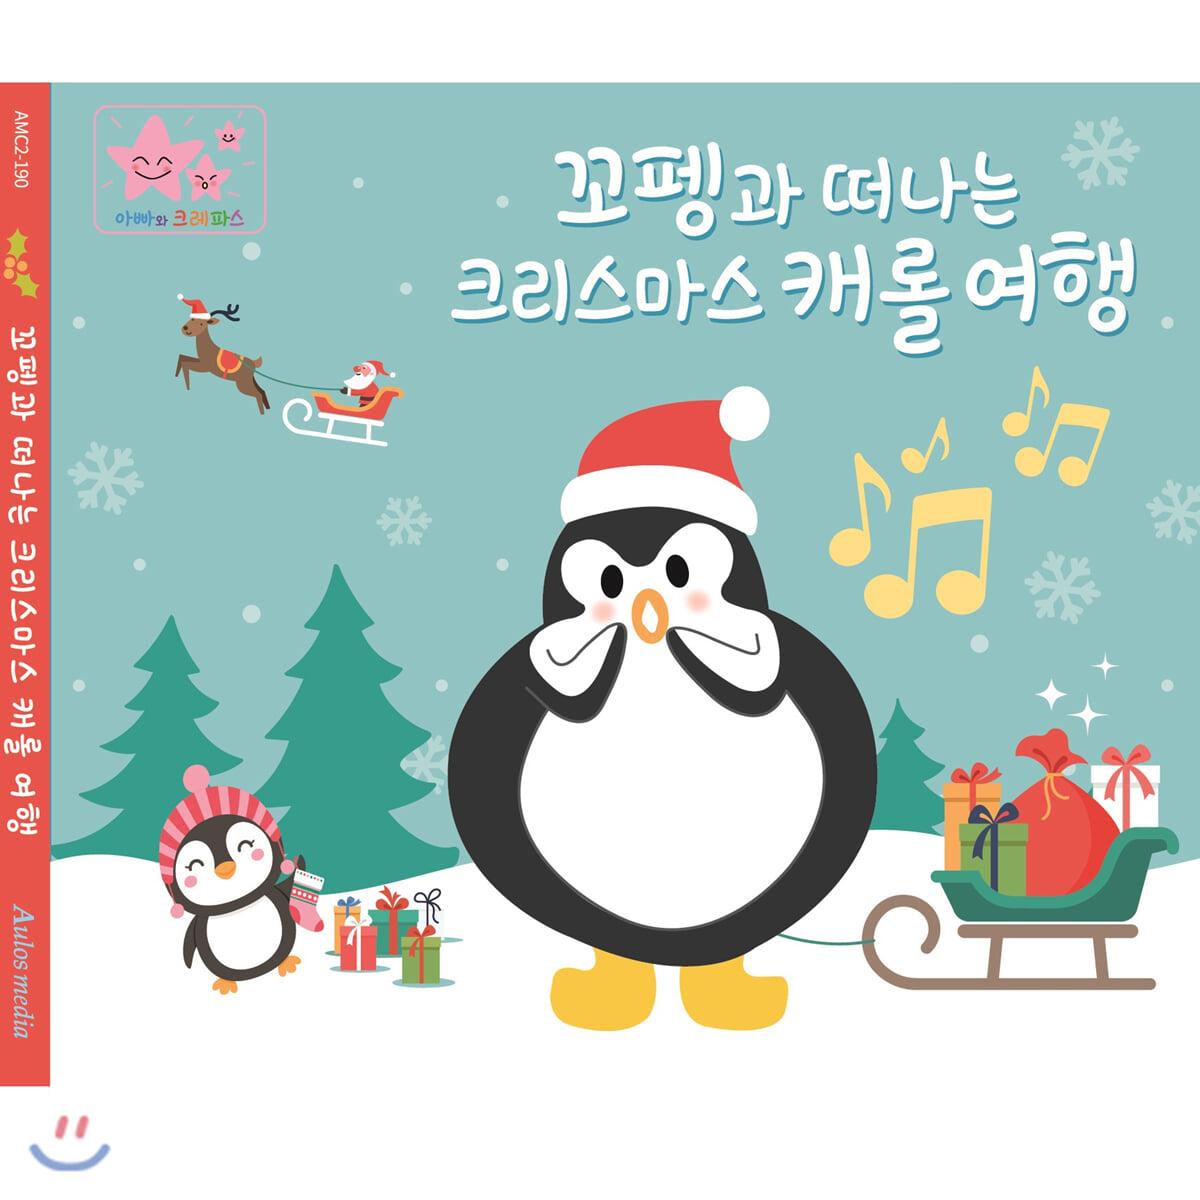 이혜민 - 꼬펭과 떠나는 크리스마스 캐롤 여행